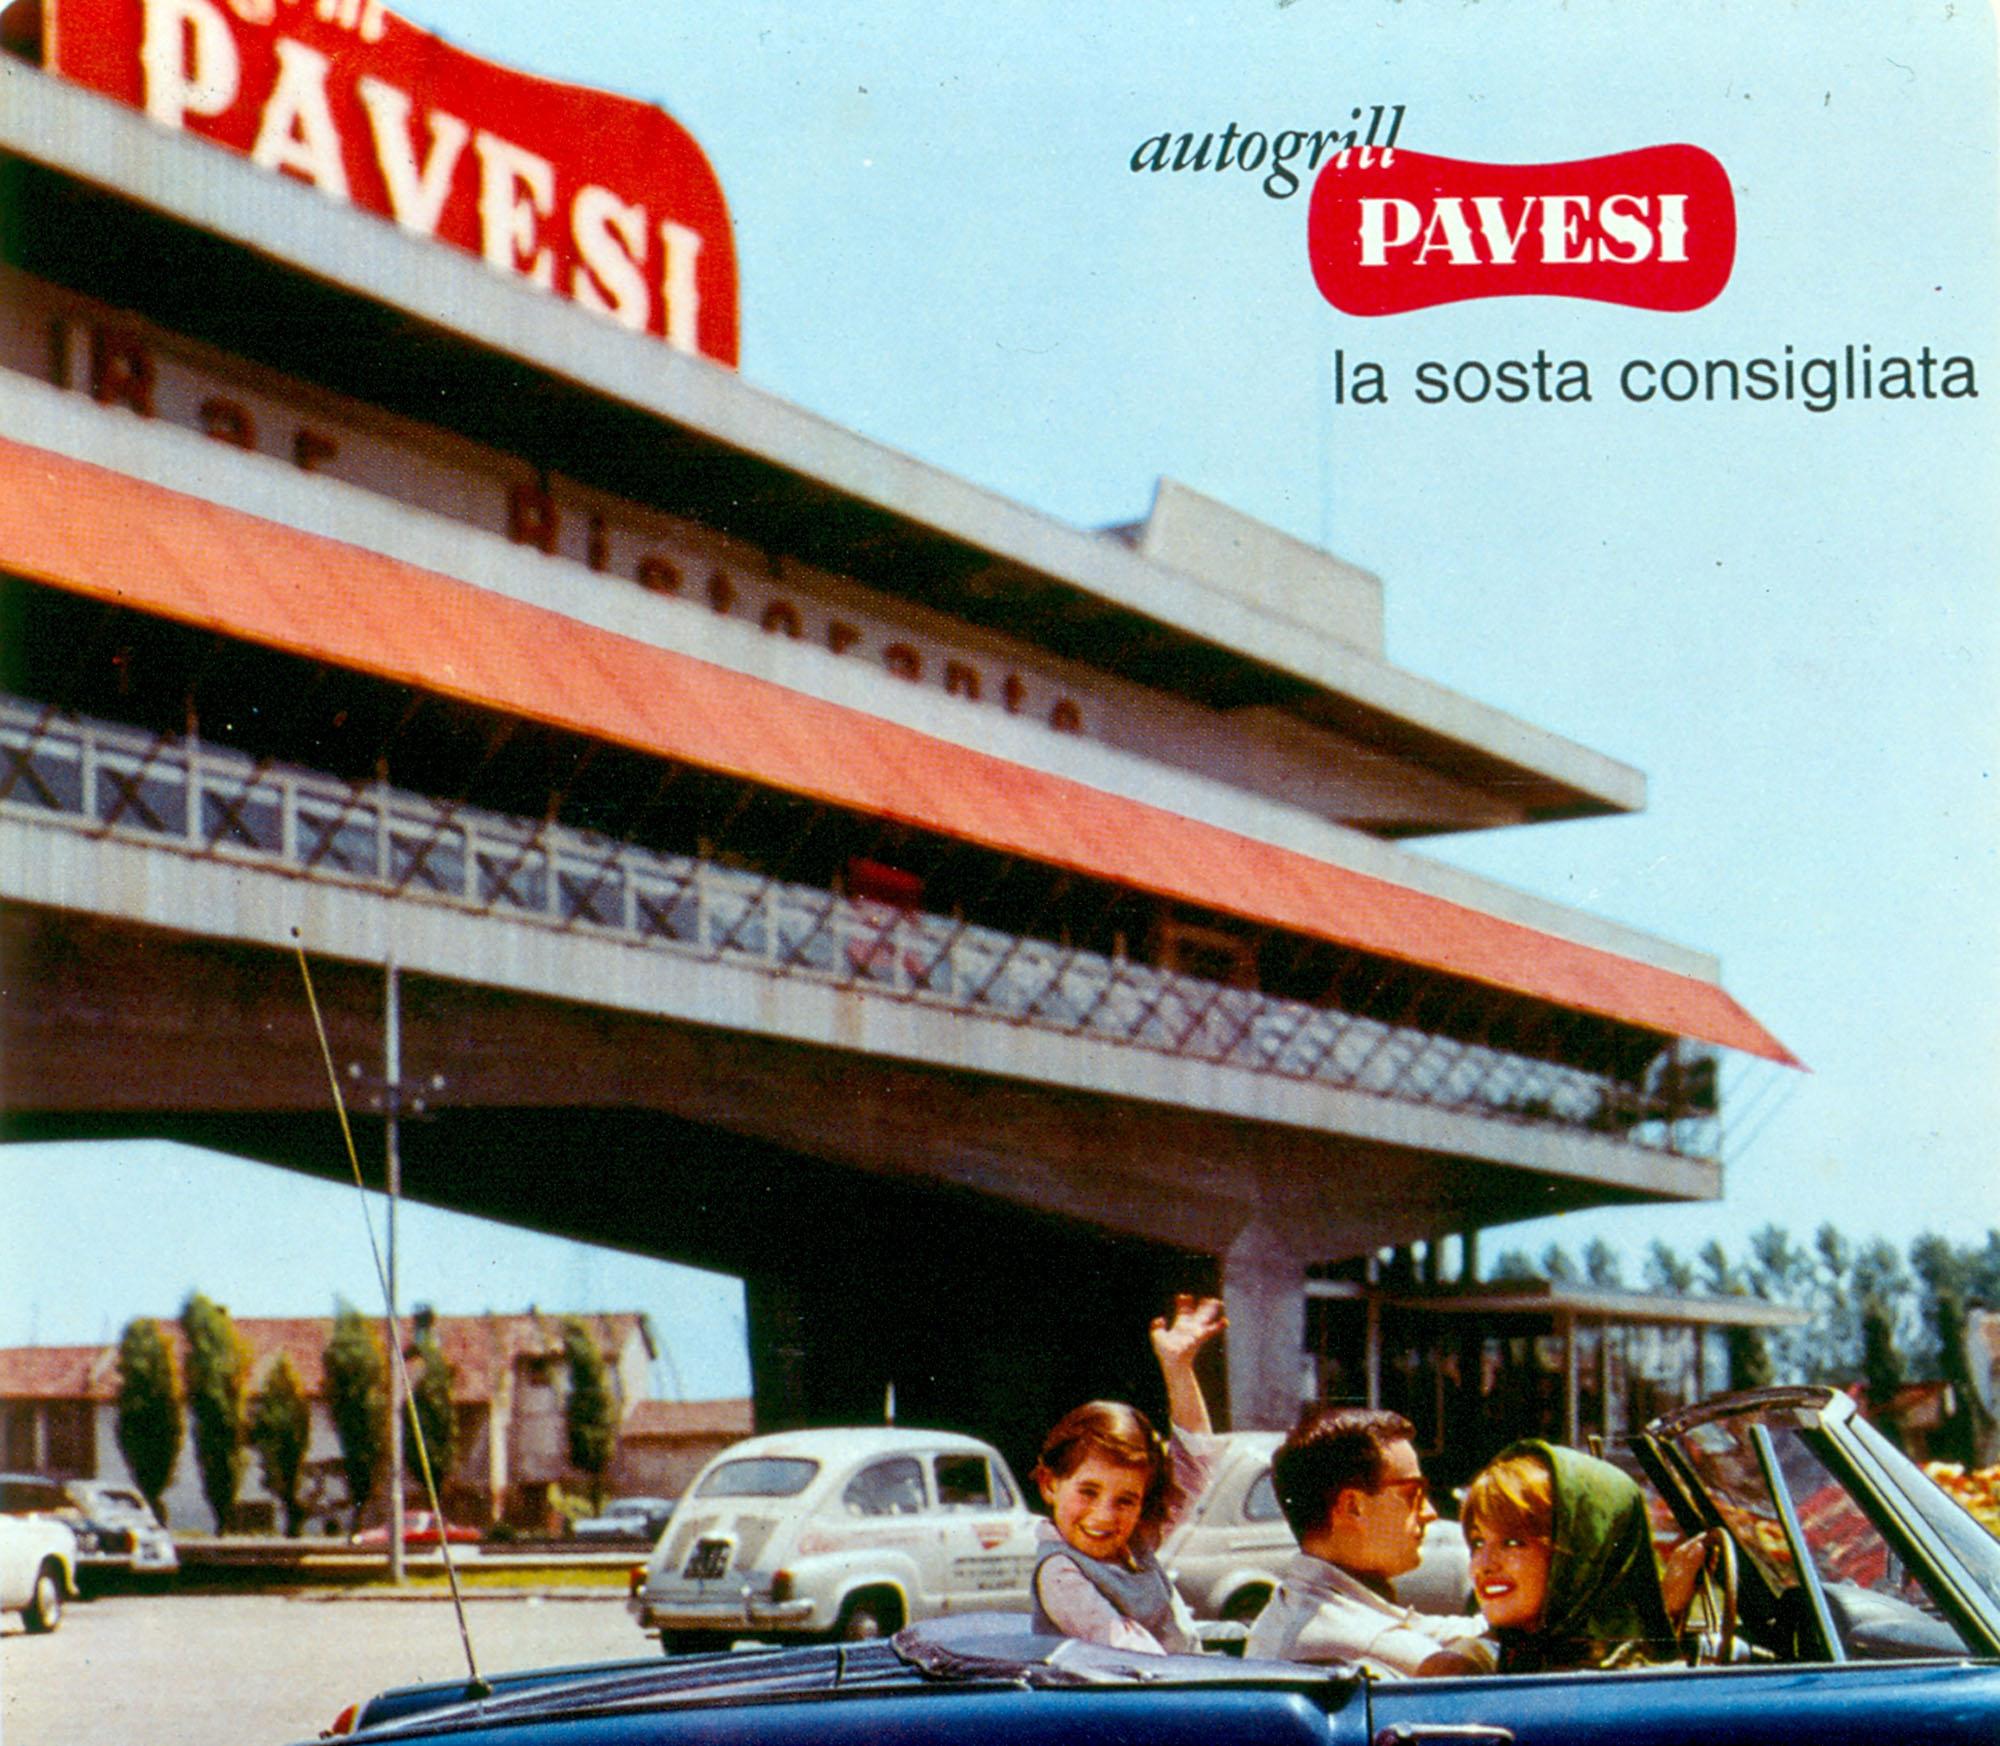 Pubblicità degli Autogrill Pavesi, 1962